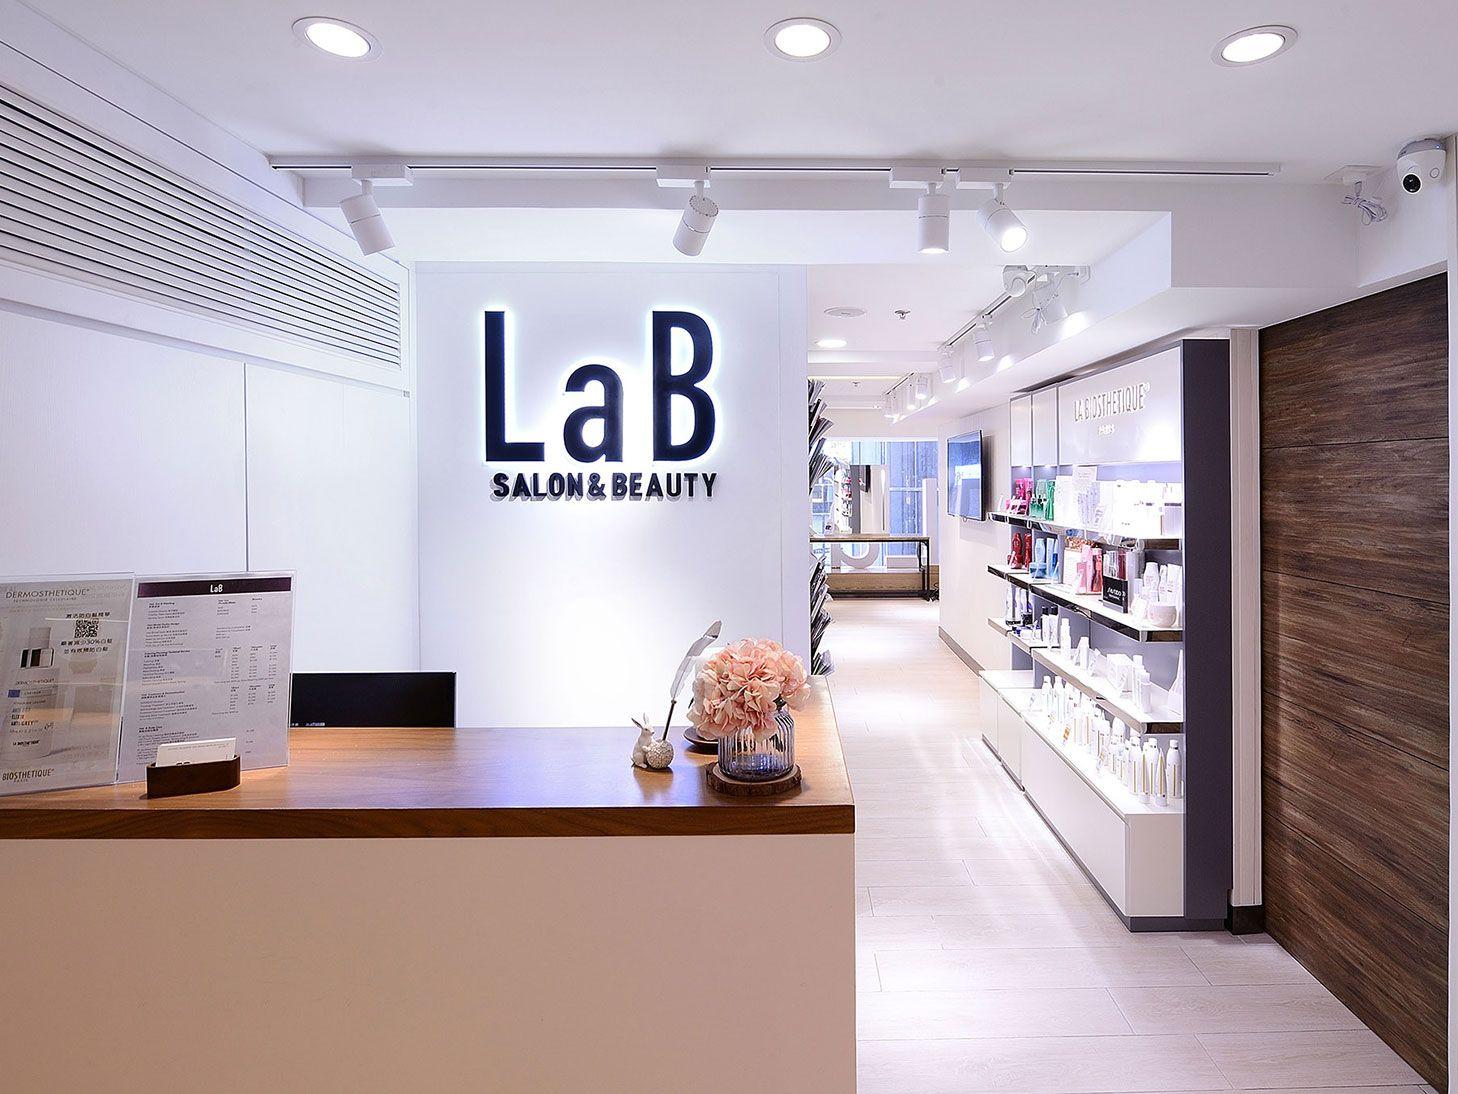 Lab Salon & Beauty 韩国发型屋